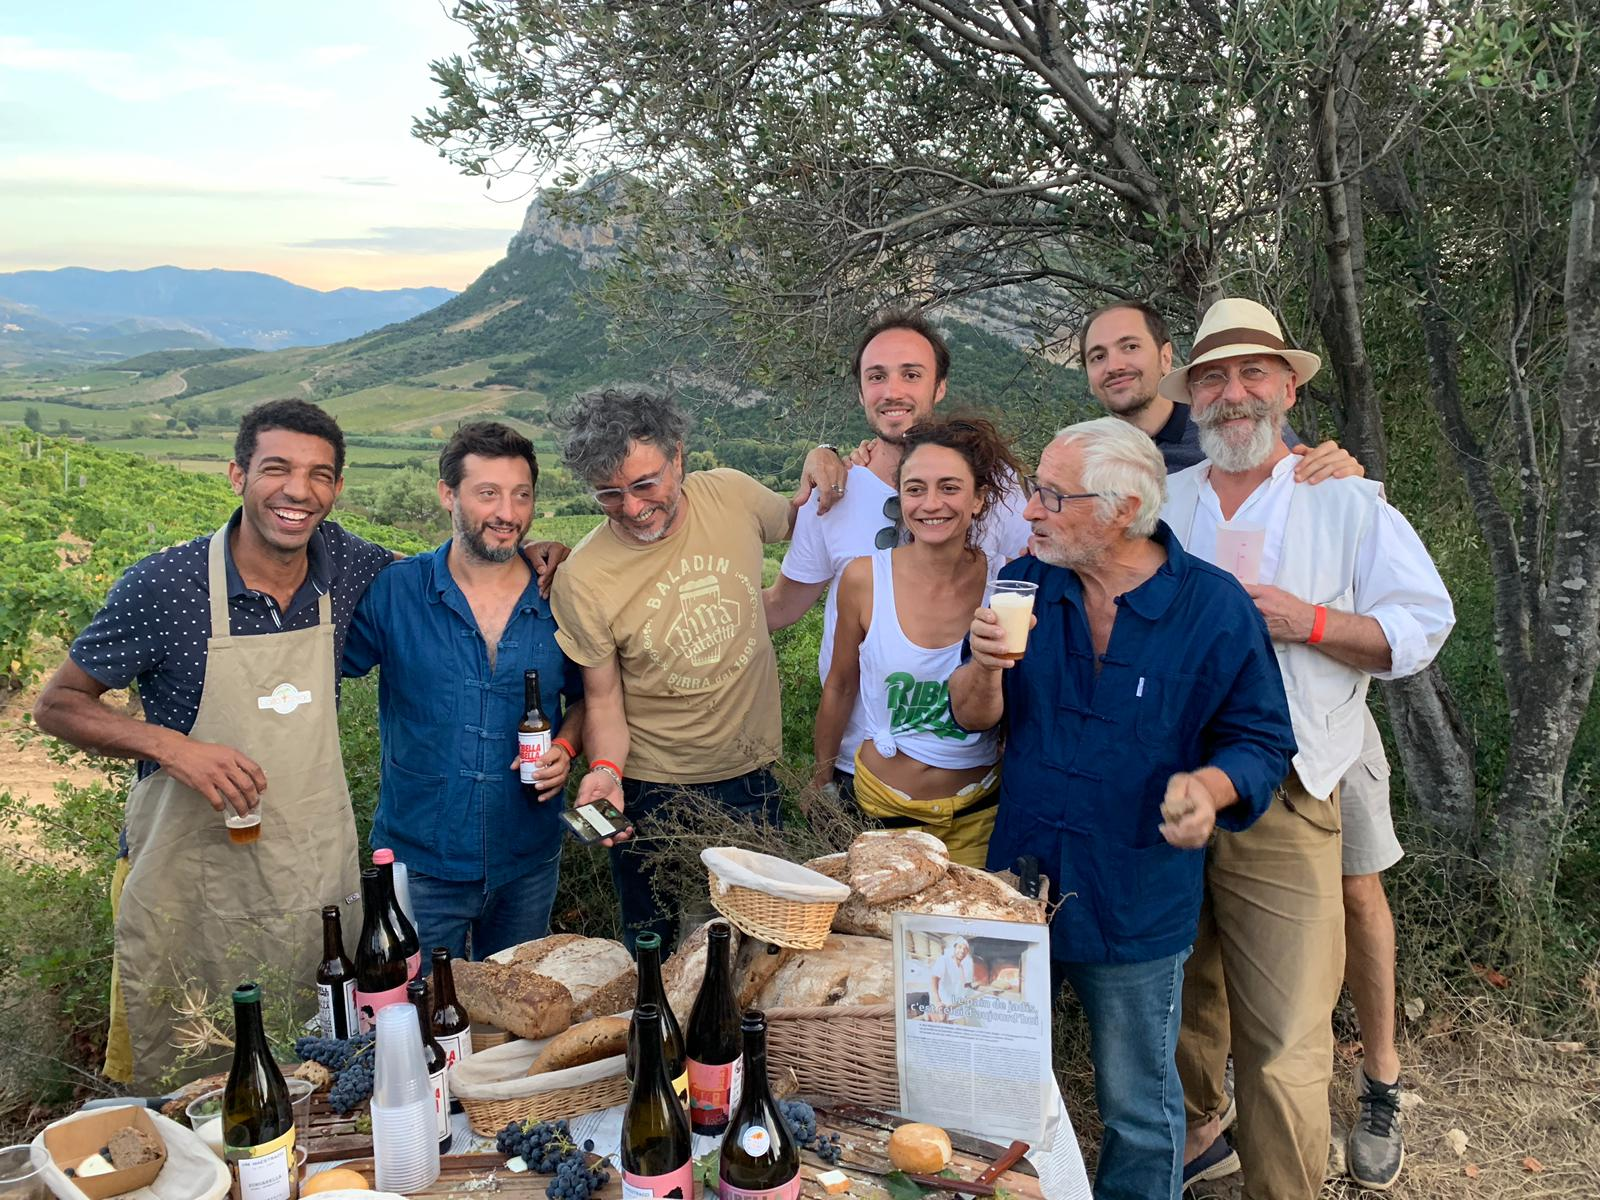 Le festival Ribellazione revient pour une troisième édition les 24, 25 et 26 septembre à Patrimonio.